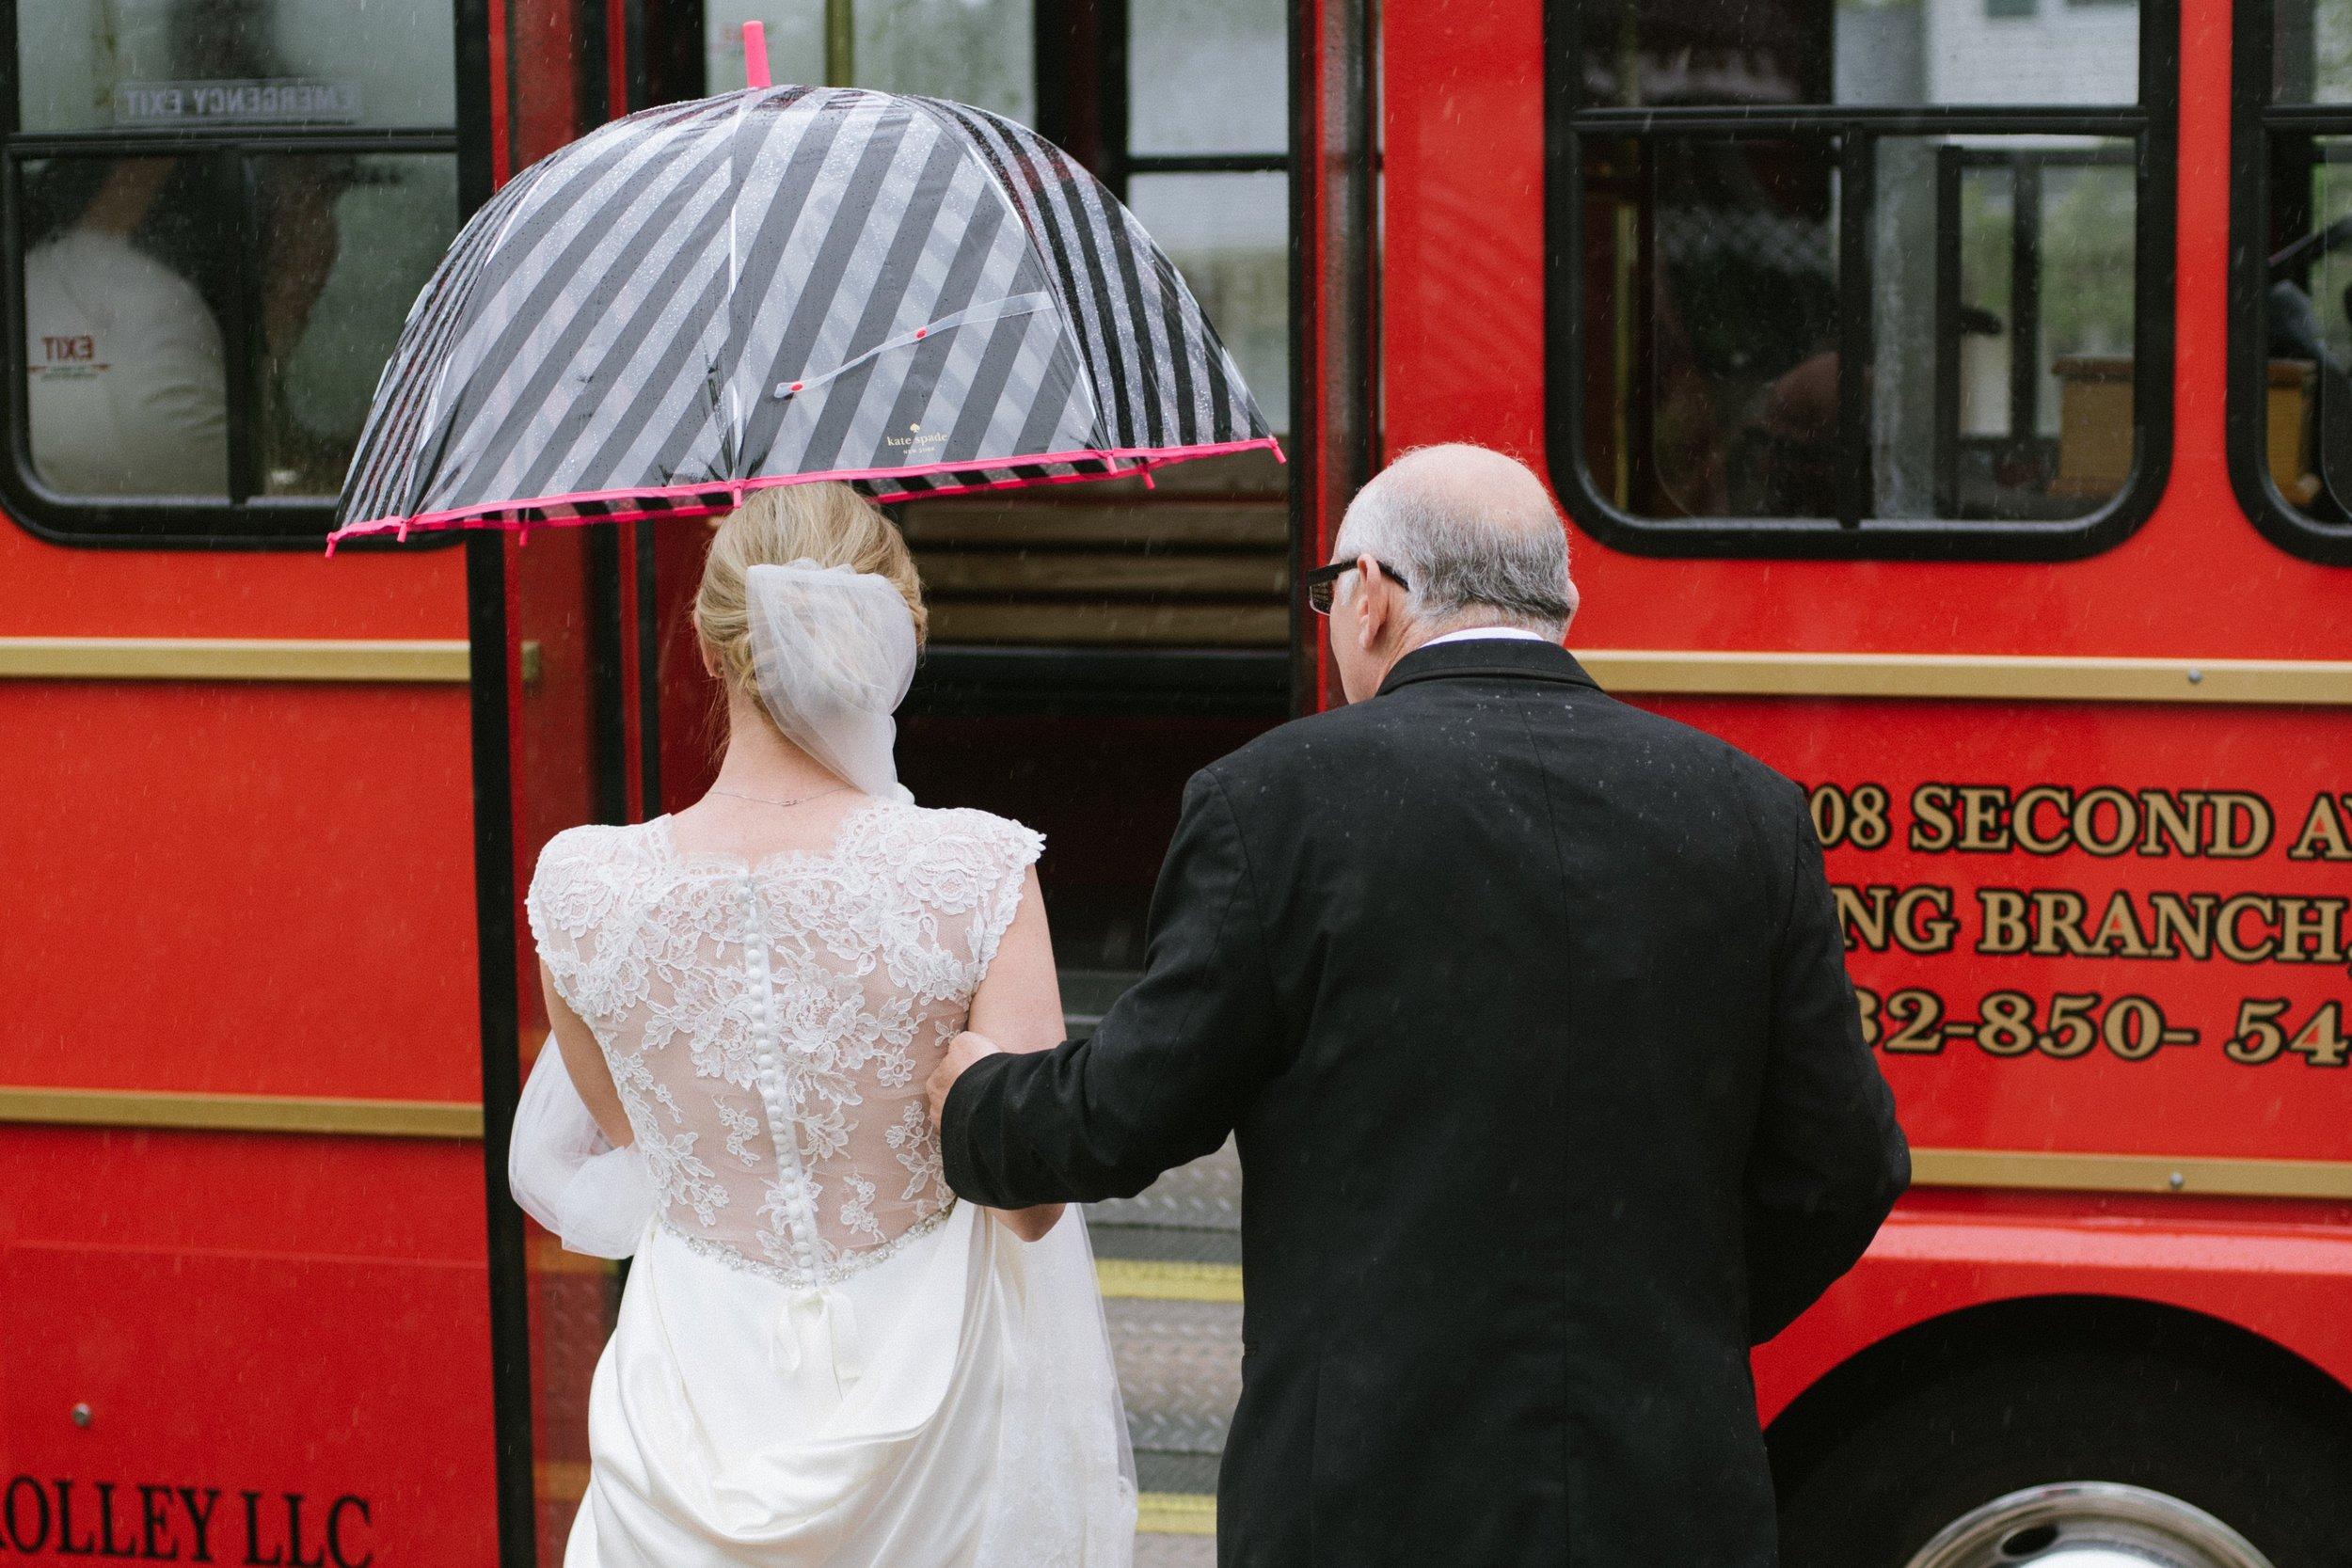 martha stewart weddings - Public Transportation on Your Wedding day?